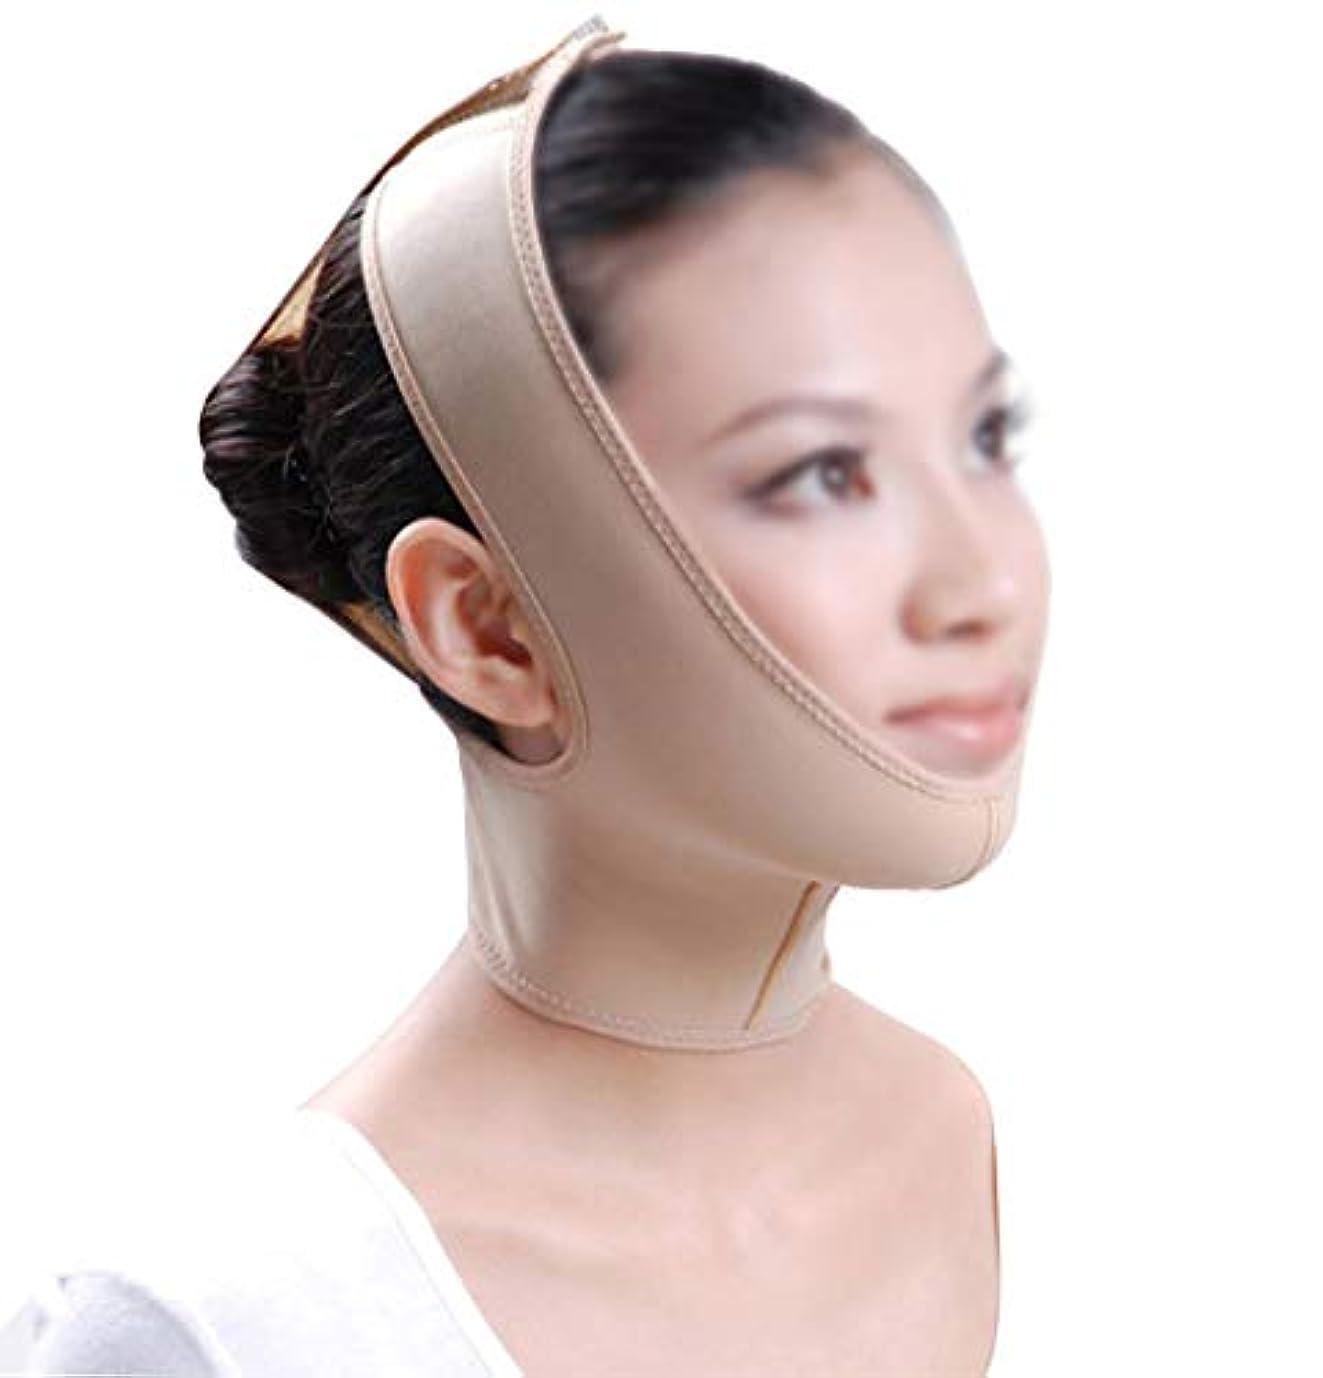 マント完了危険を冒しますGLJJQMY 引き締めマスクマスク強力なフェイスリフティングリハビリ弾性フェイスリフティング引き締め首あご整形リハビリチンスリーブ 顔用整形マスク (Size : XL)